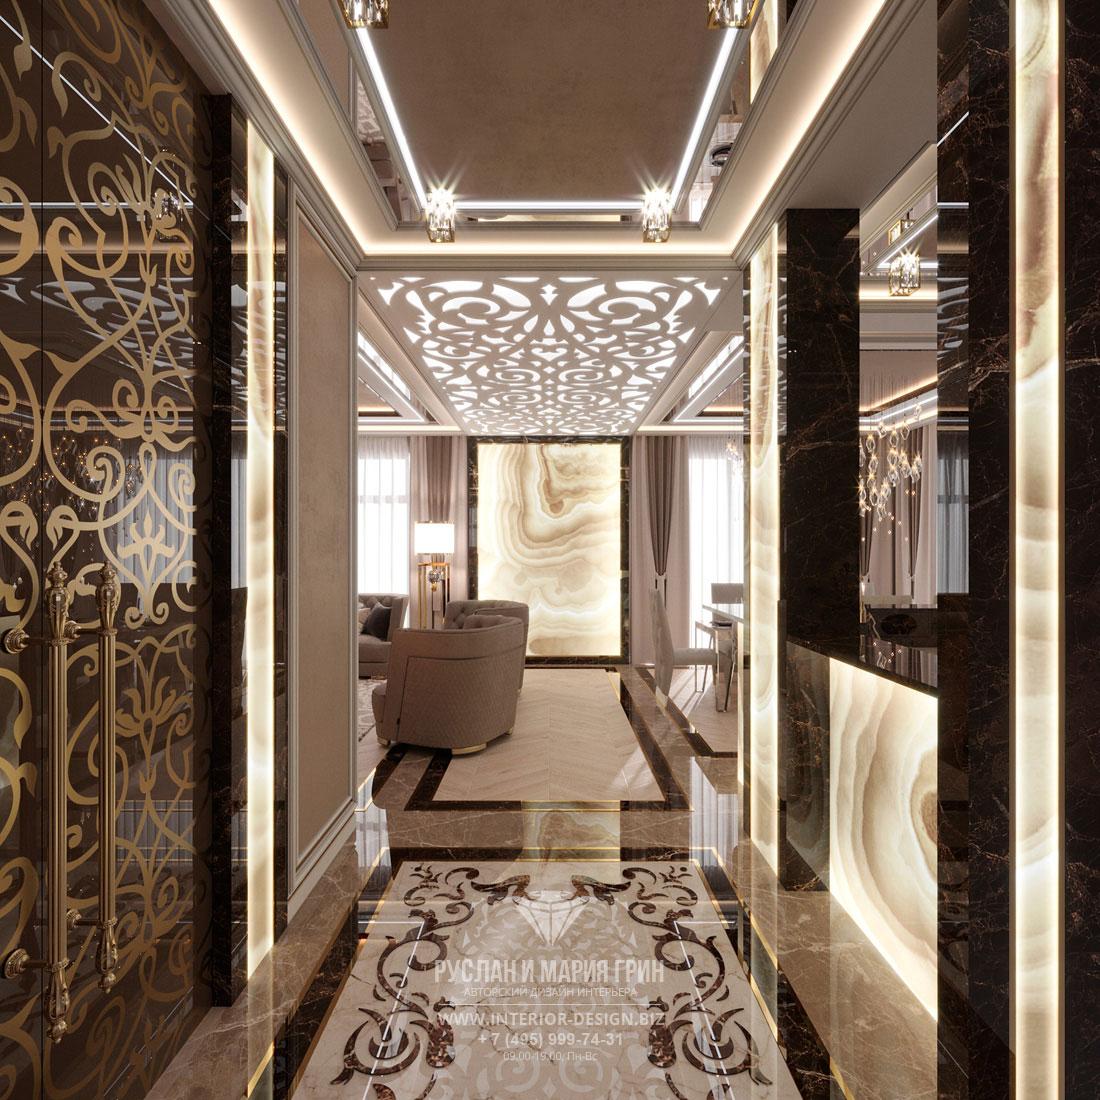 Ремонт частного дома – декоративная узорчатая отделка в интерьере